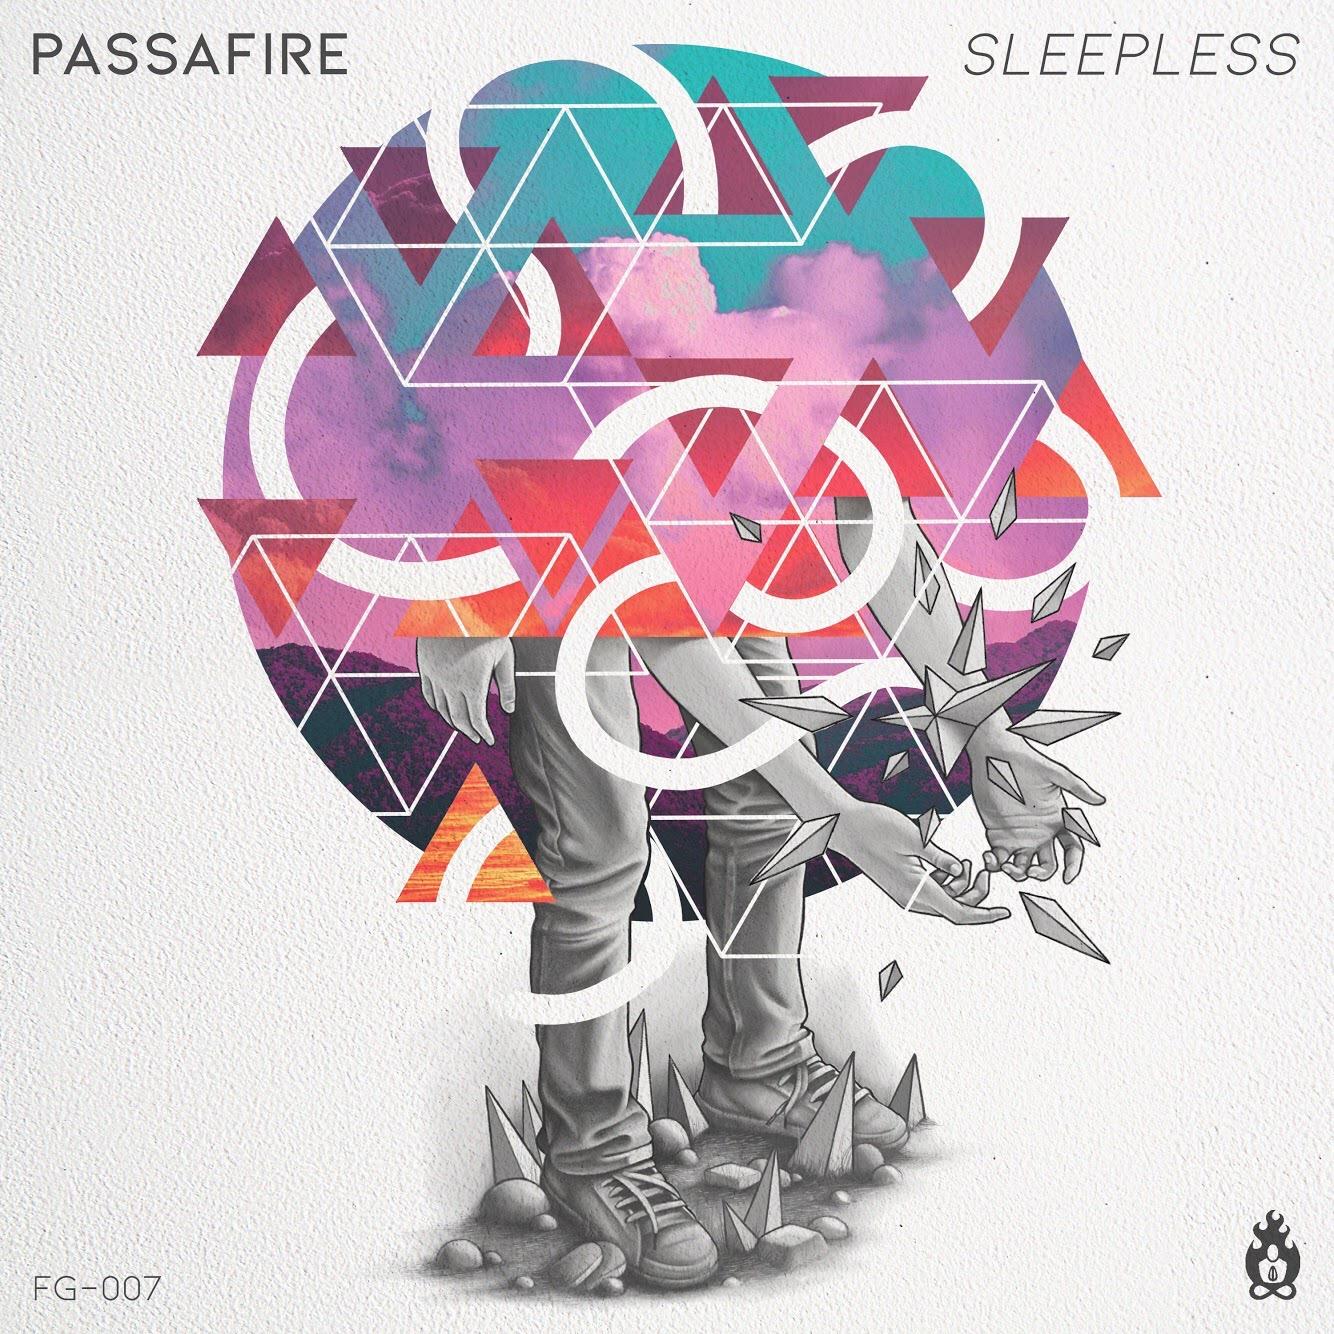 Passafire - Sleepless